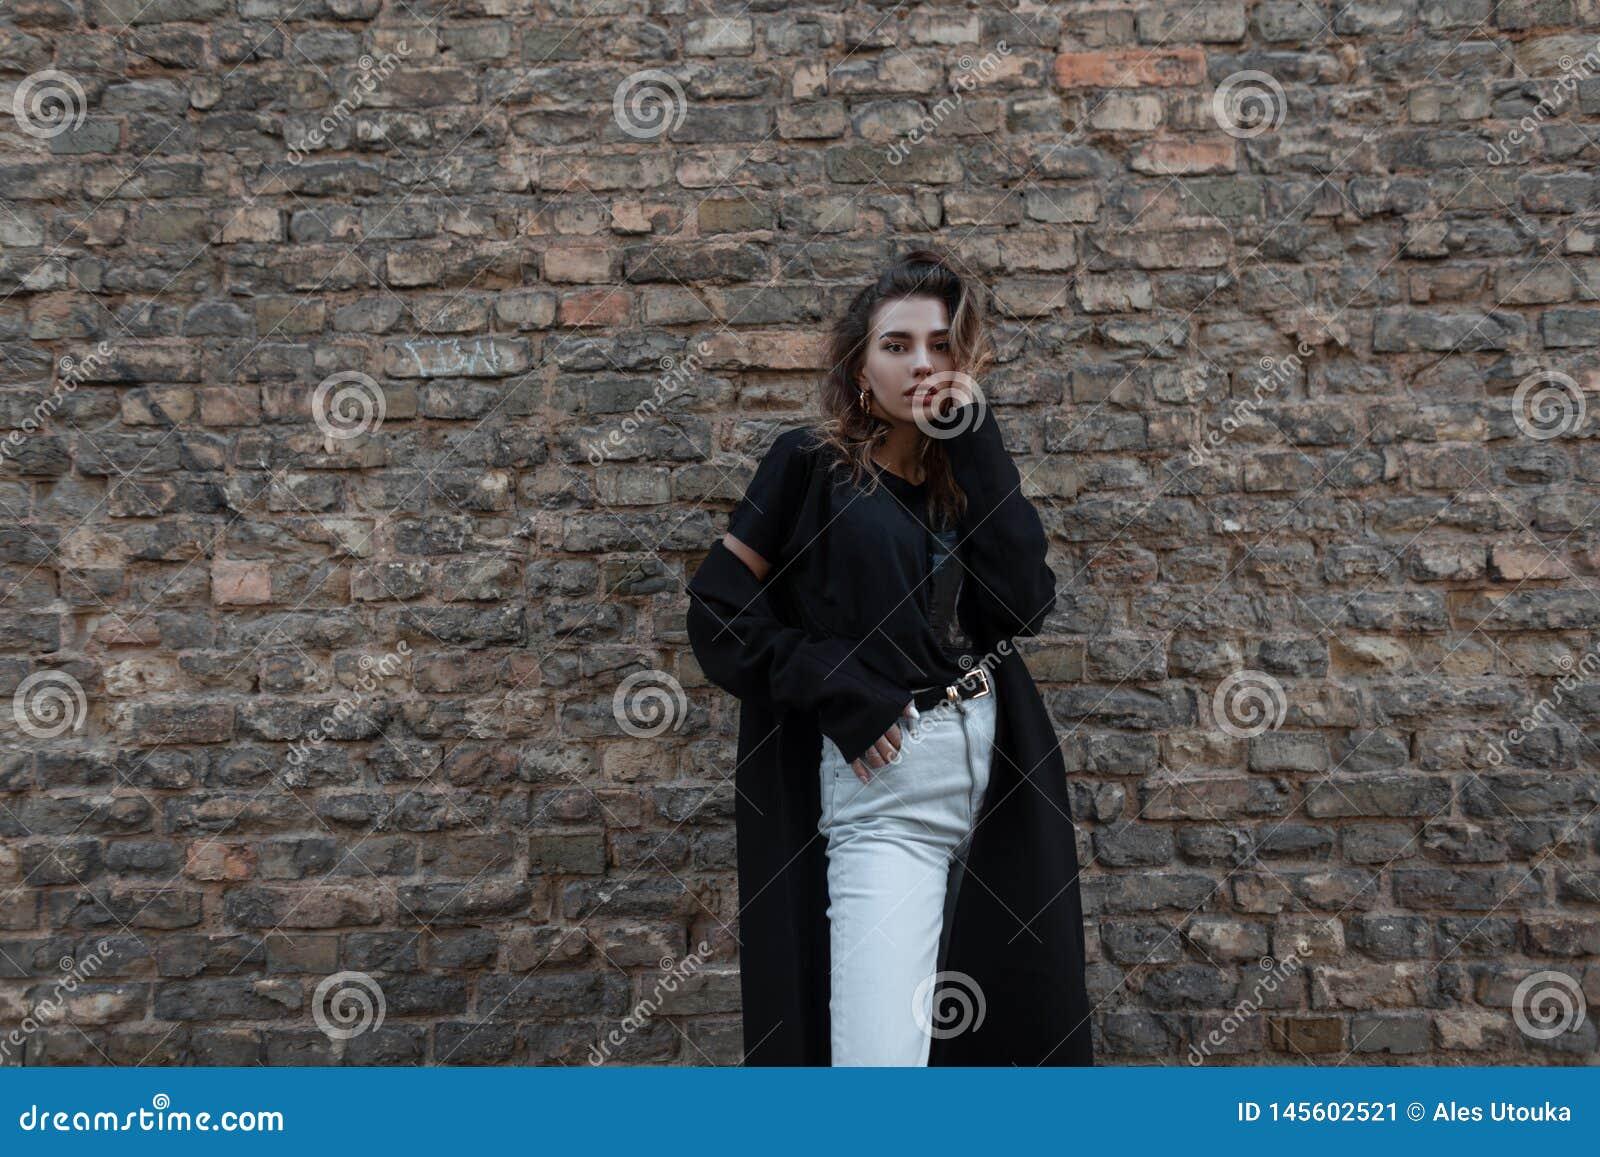 Μοντέρνη σύγχρονη νέα γυναίκα brunette σε ένα μαύρο κομψό μακρύ παλτό σε μια μοντέρνη μπλούζα στην άσπρη τοποθέτηση τζιν